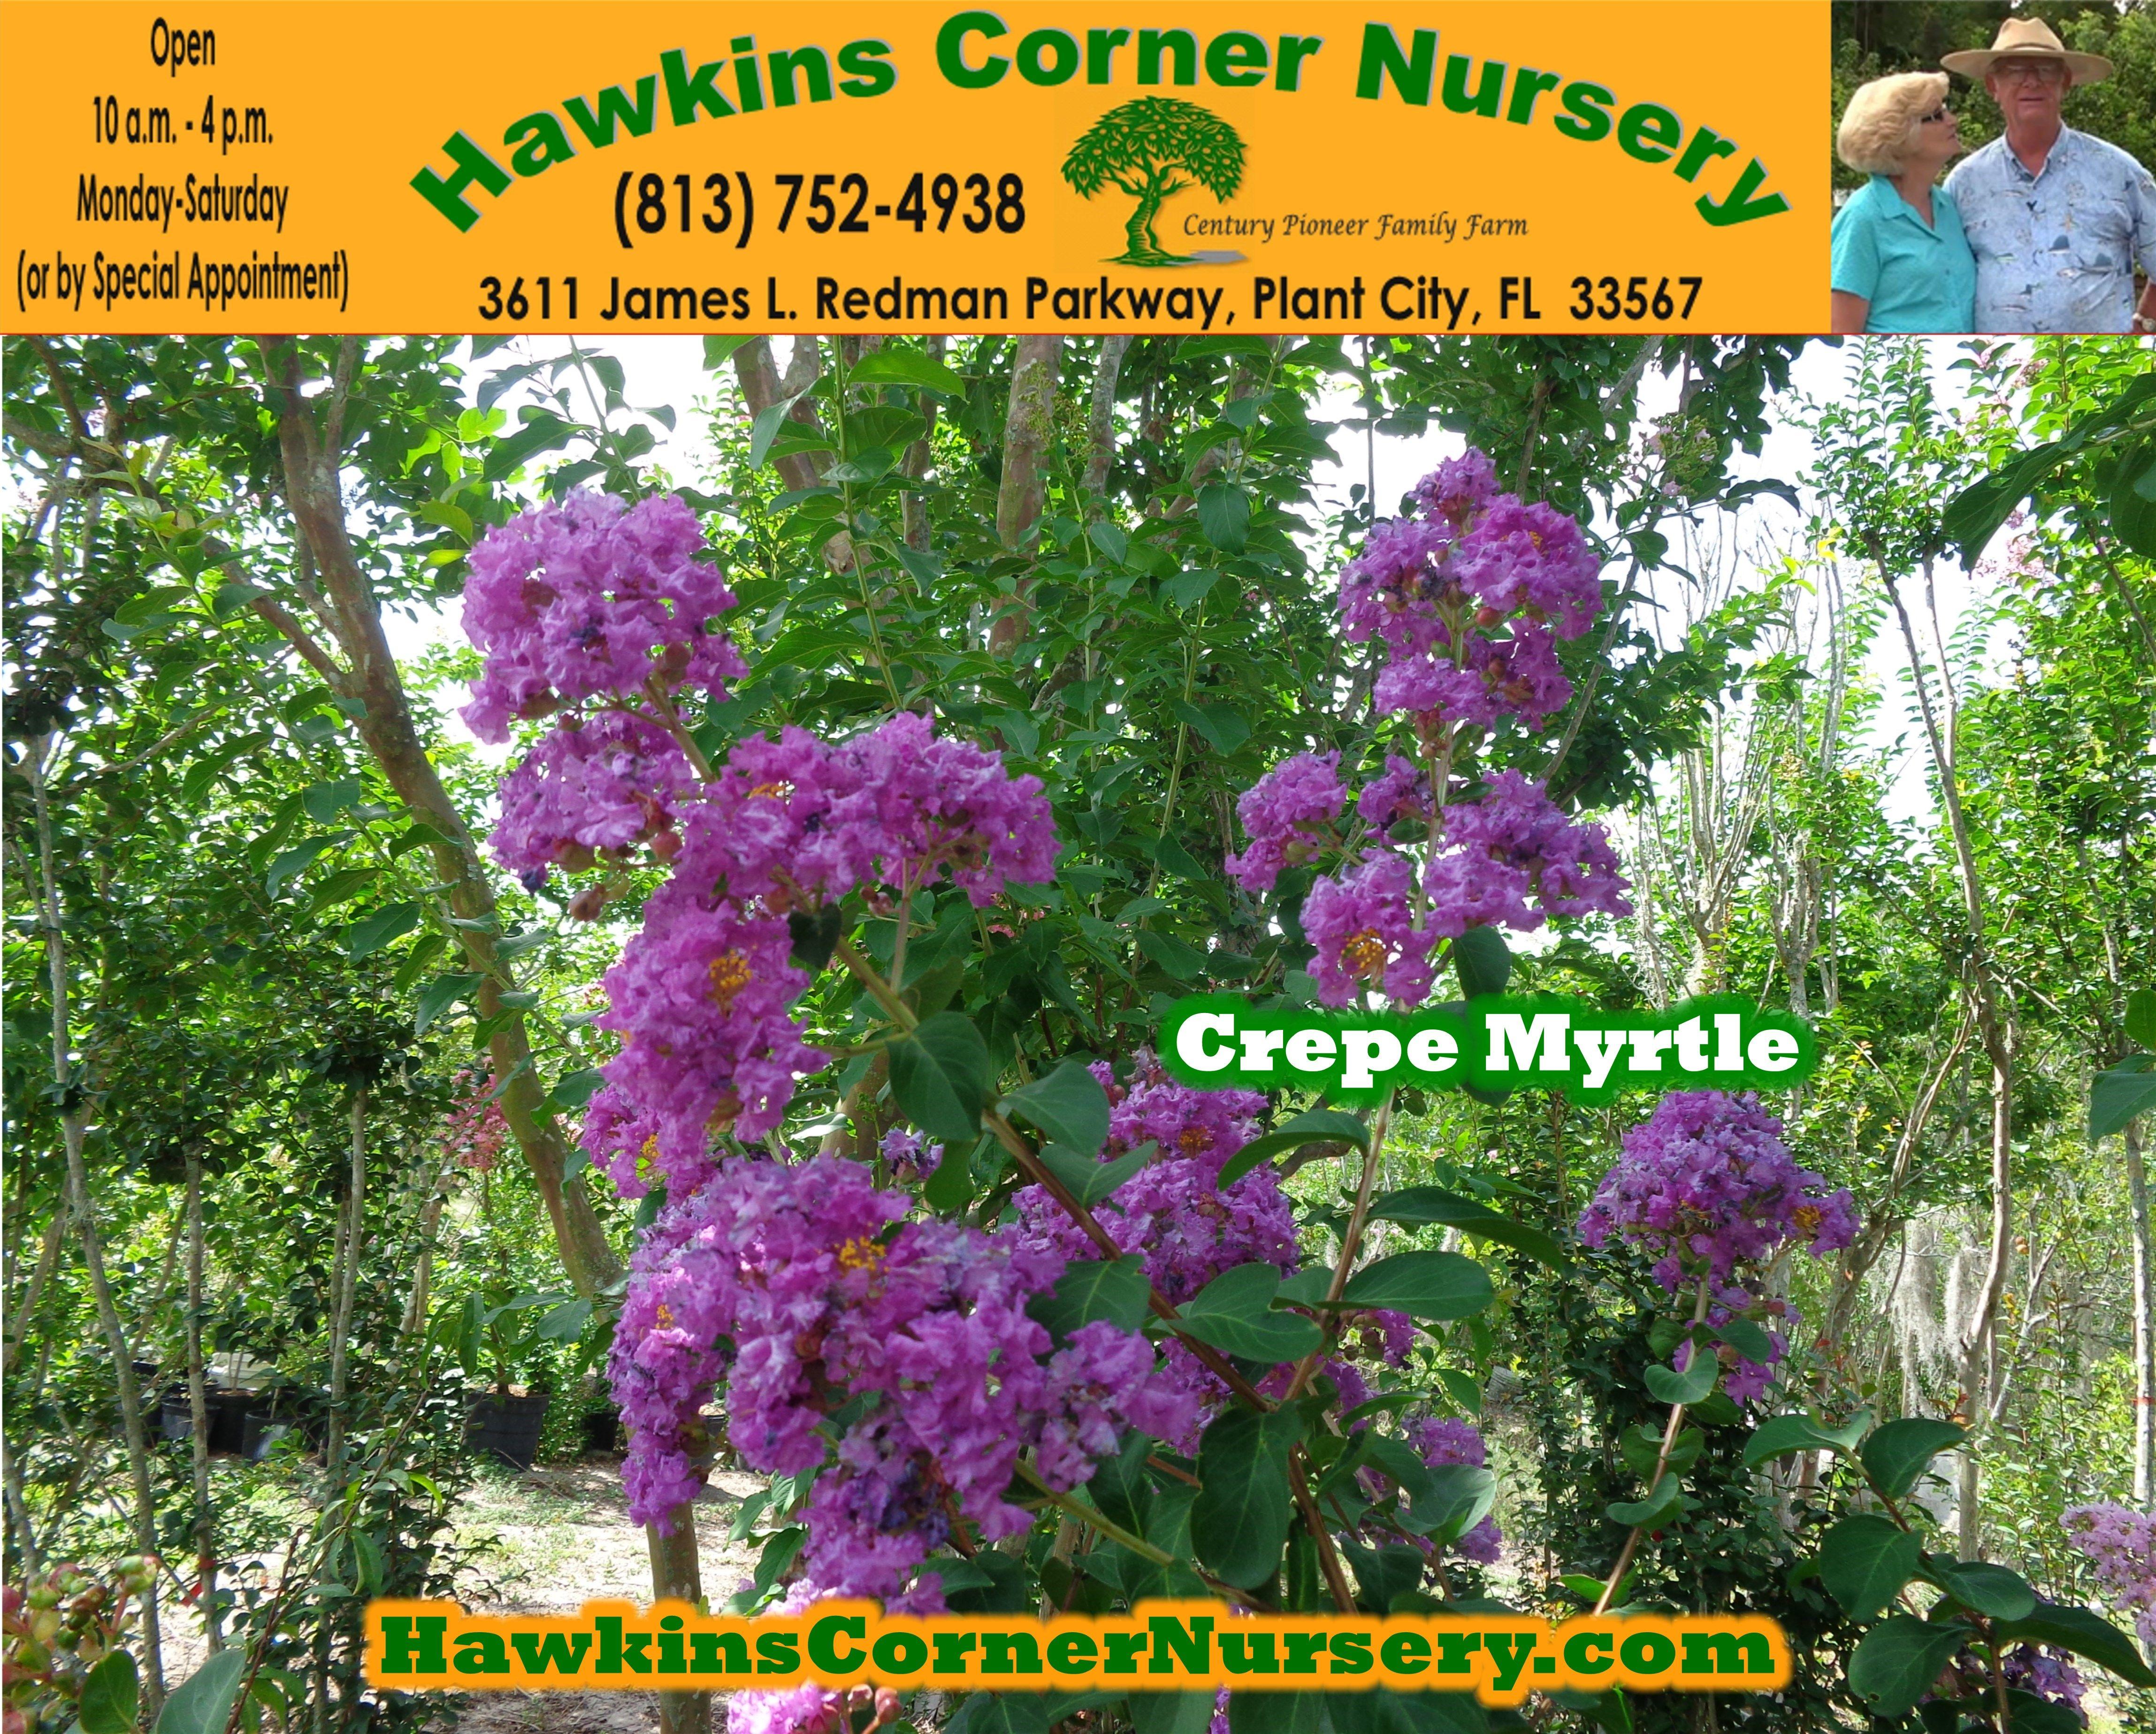 Crepe Myrtle By Hawkins Corner Nursery Plant City Fl 33565 Http Www Hawkinscornernursery